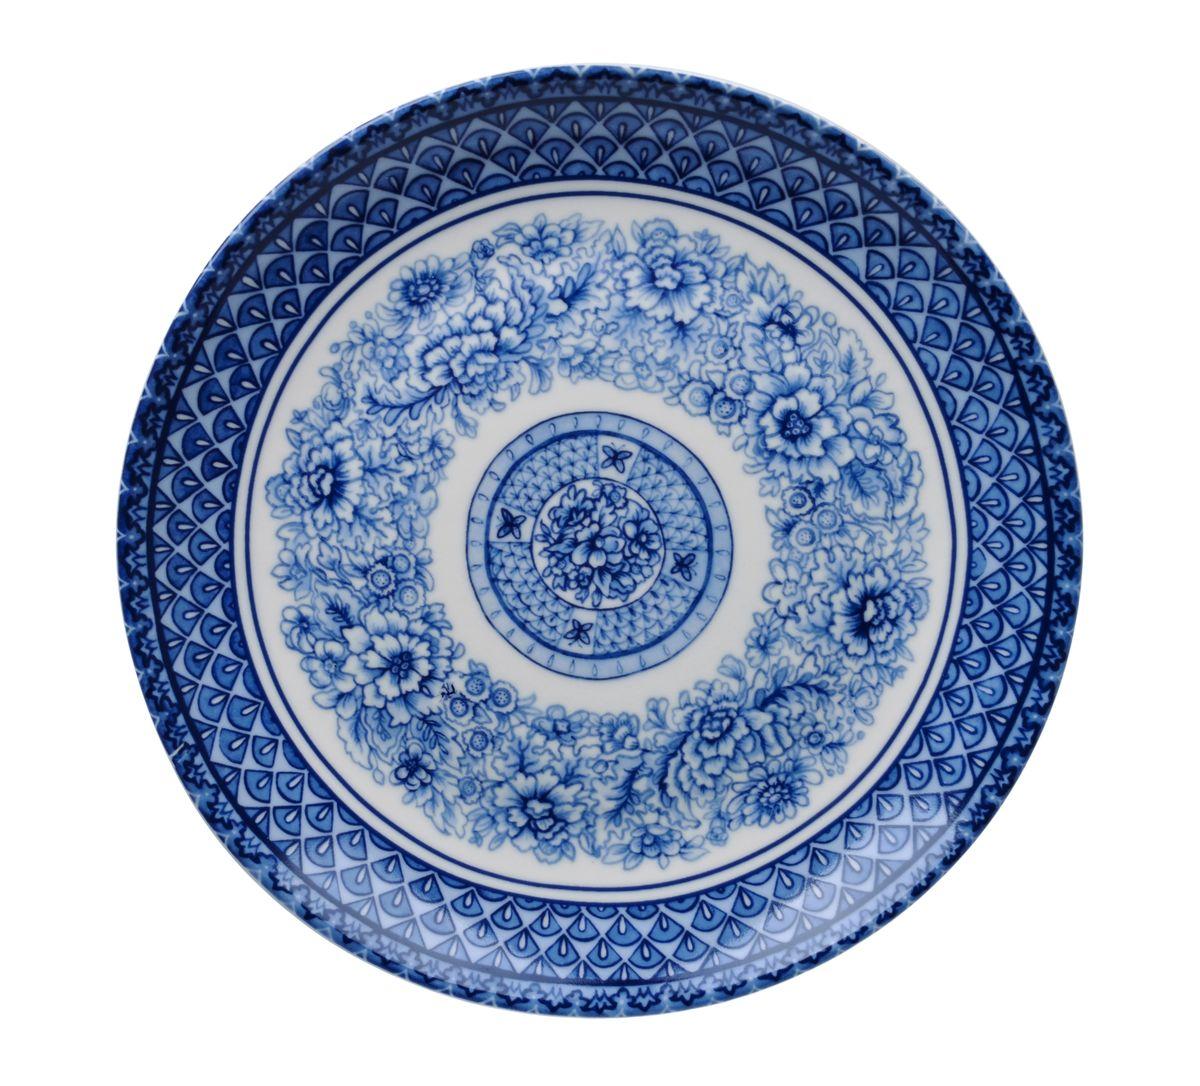 Тарелка для горячего Utana Династия, диаметр 27 см115510Тарелка Utana Династия изготовлена из высококачественной керамики. Предназначена для подачи вторых блюд. Изделие декорировано оригинальным орнаментом. Такая тарелка украсит сервировку стола и подчеркнет прекрасный вкус хозяйки.Можно мыть в посудомоечной машине и использовать в СВЧ. Диаметр: 27 см.Высота: 3,5 см.